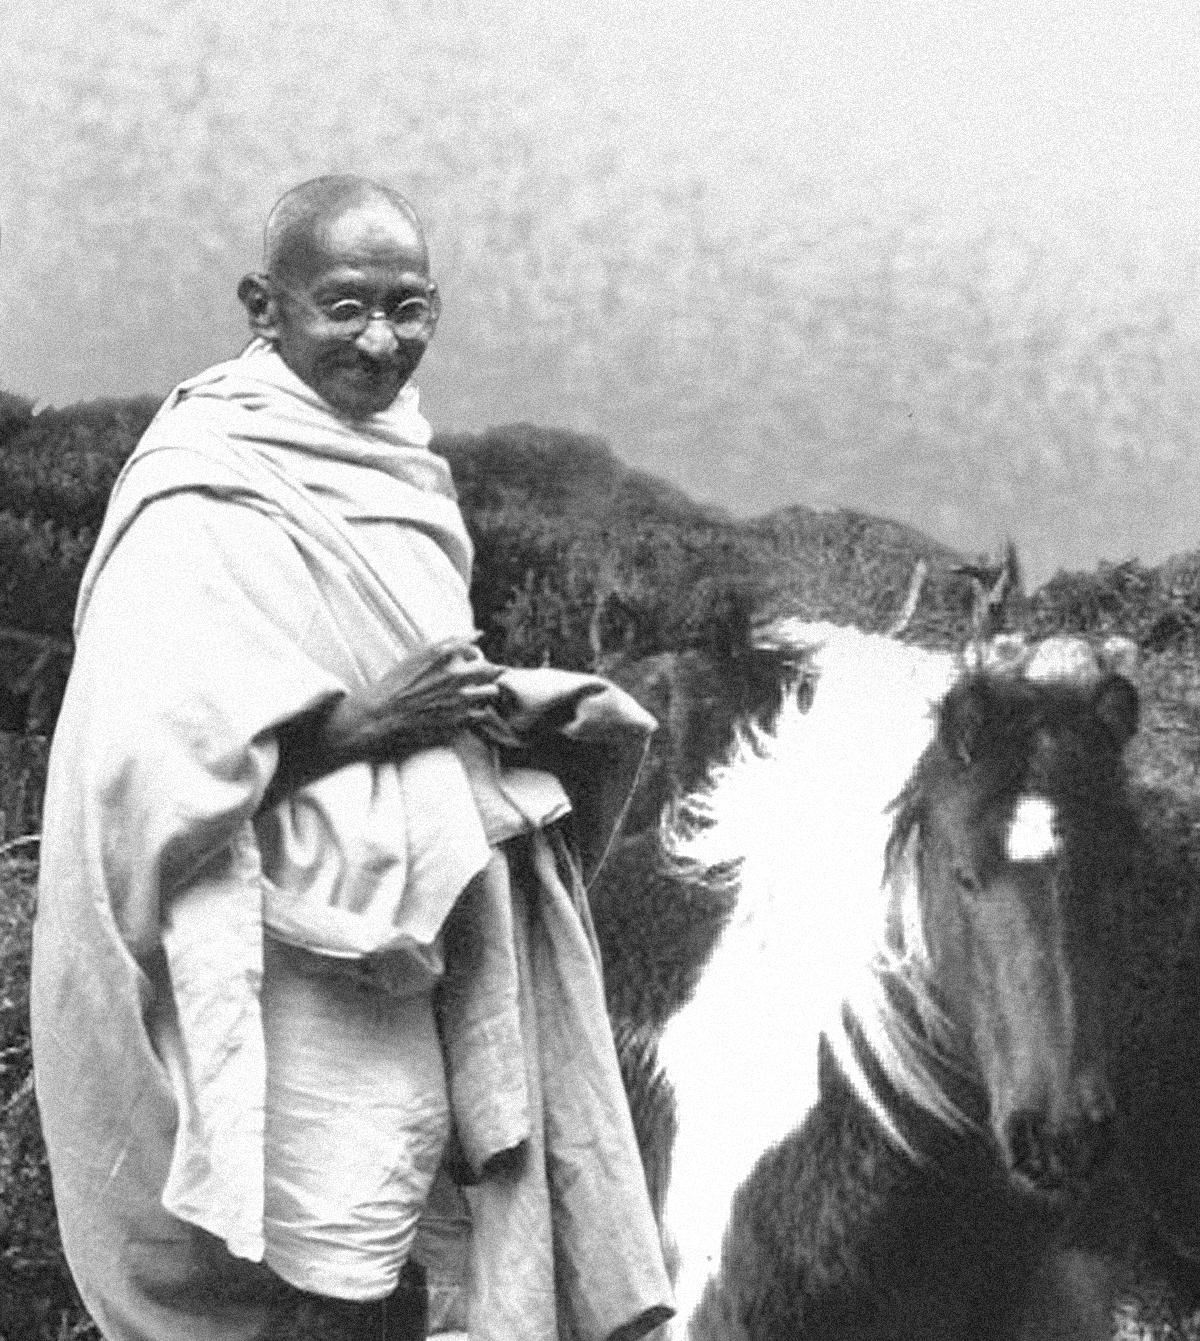 mahatma ghandi 1896 - nace mahatma ghandi, líder político de la india mohandas karamchand gandhi nació en porbandar (actualmente estado de.